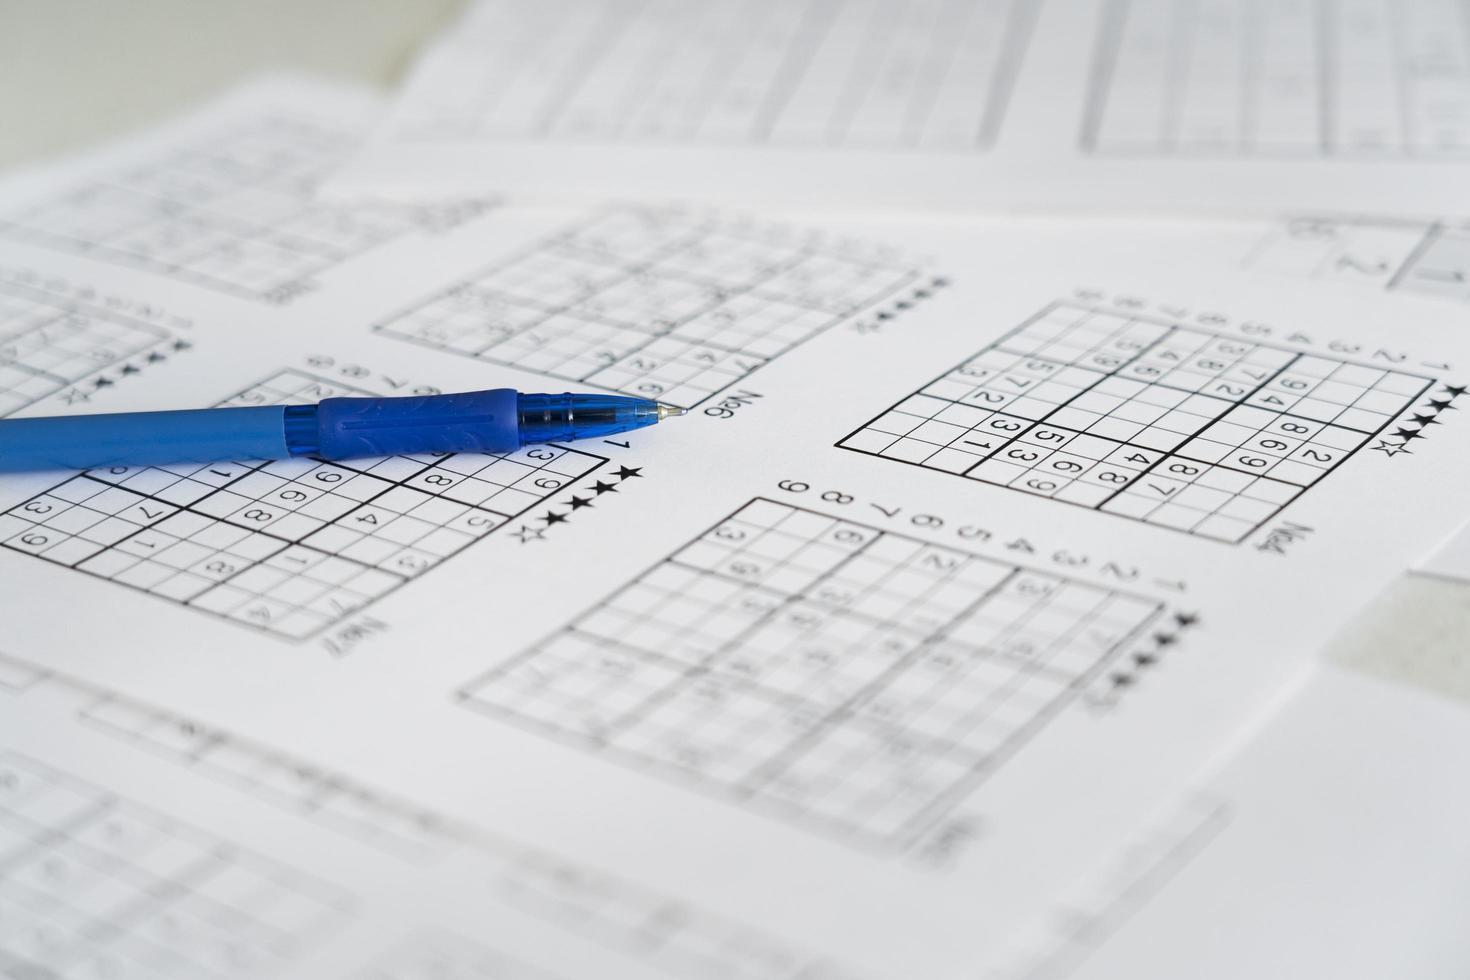 die Anordnung der Sudoku-Spielseiten foto